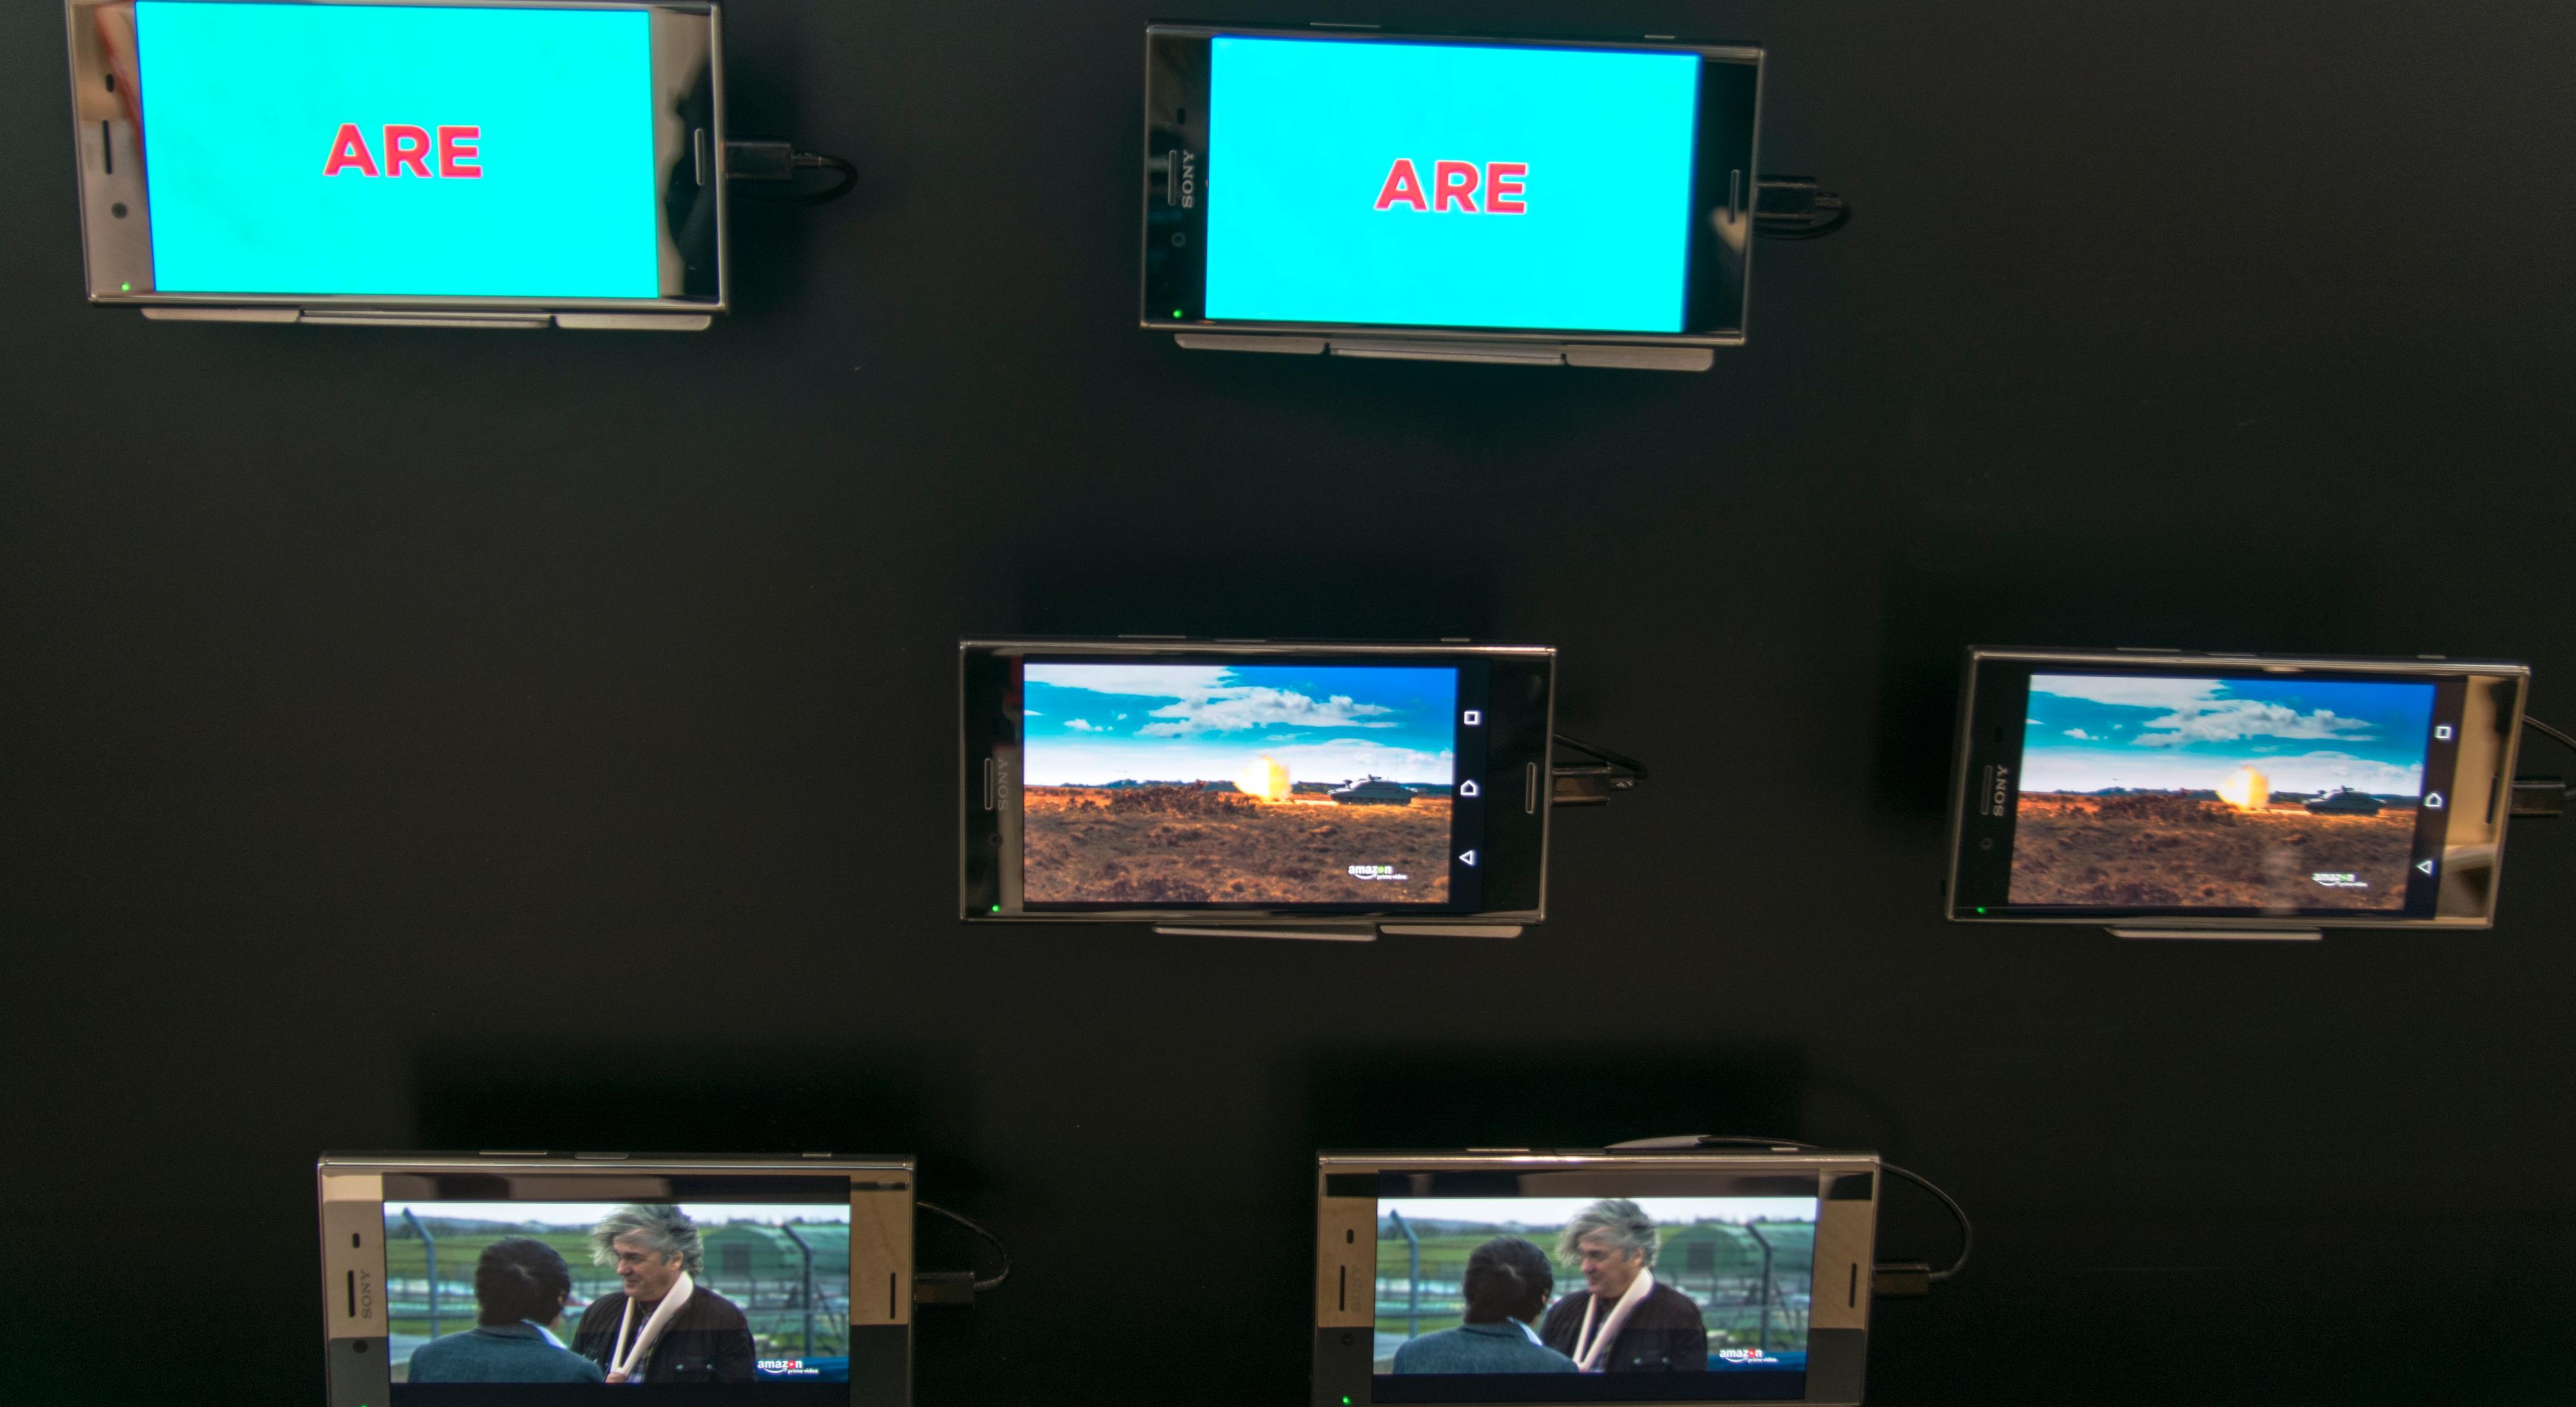 Xperia XZ Premium kan vise 4K og HDR. Samtidig. Dessverre er telefonen såpass tidlig i utviklingen at vi ikke fikk klå på selve enheten. Den sto bare bak glass.